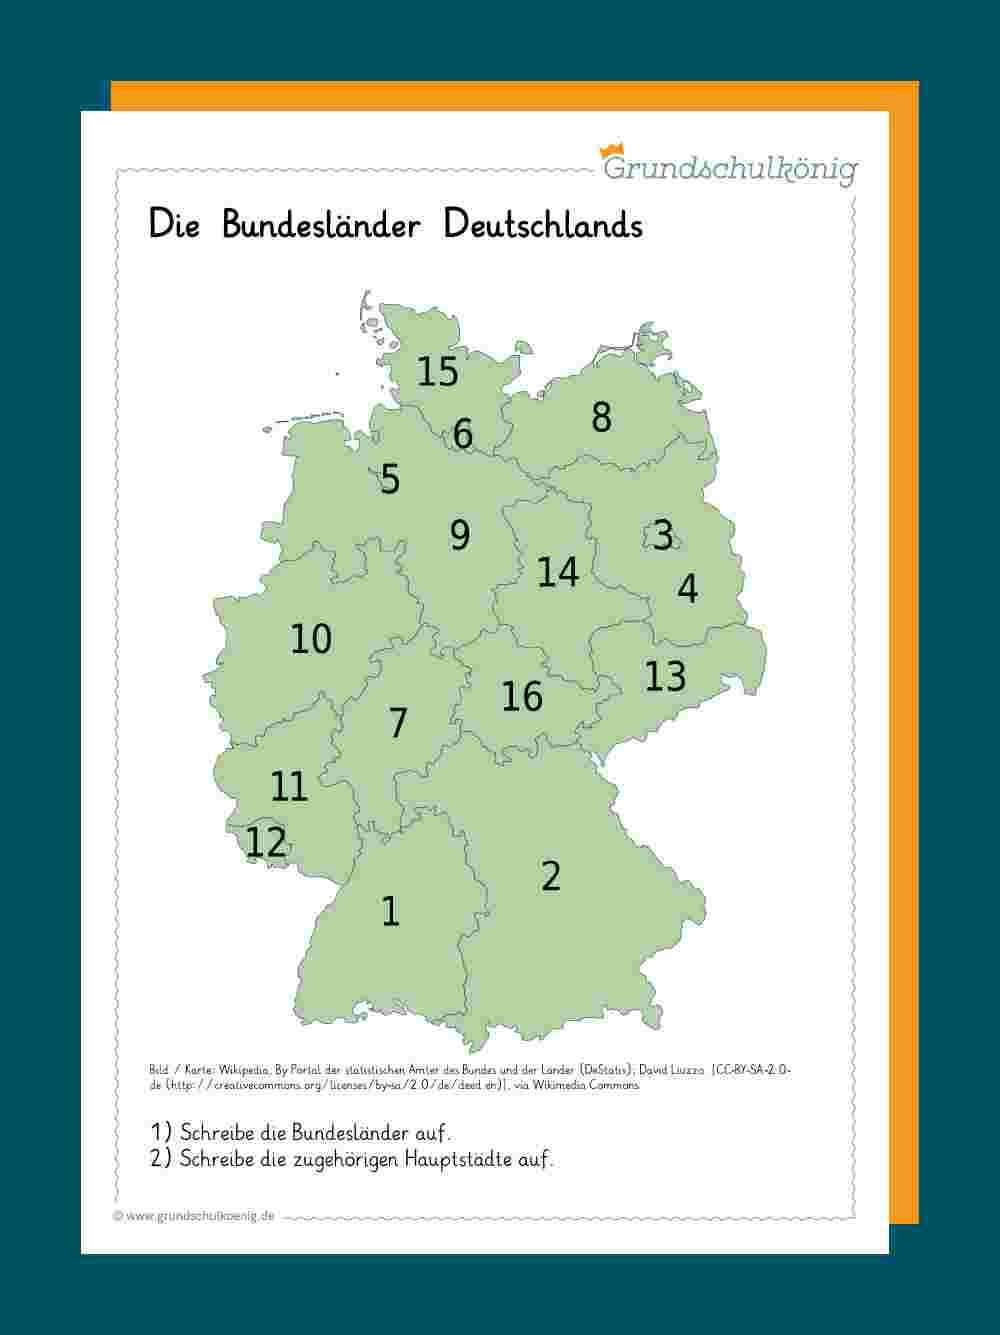 Deutschland bei 16 Bundesländer Und Ihre Hauptstädte Liste